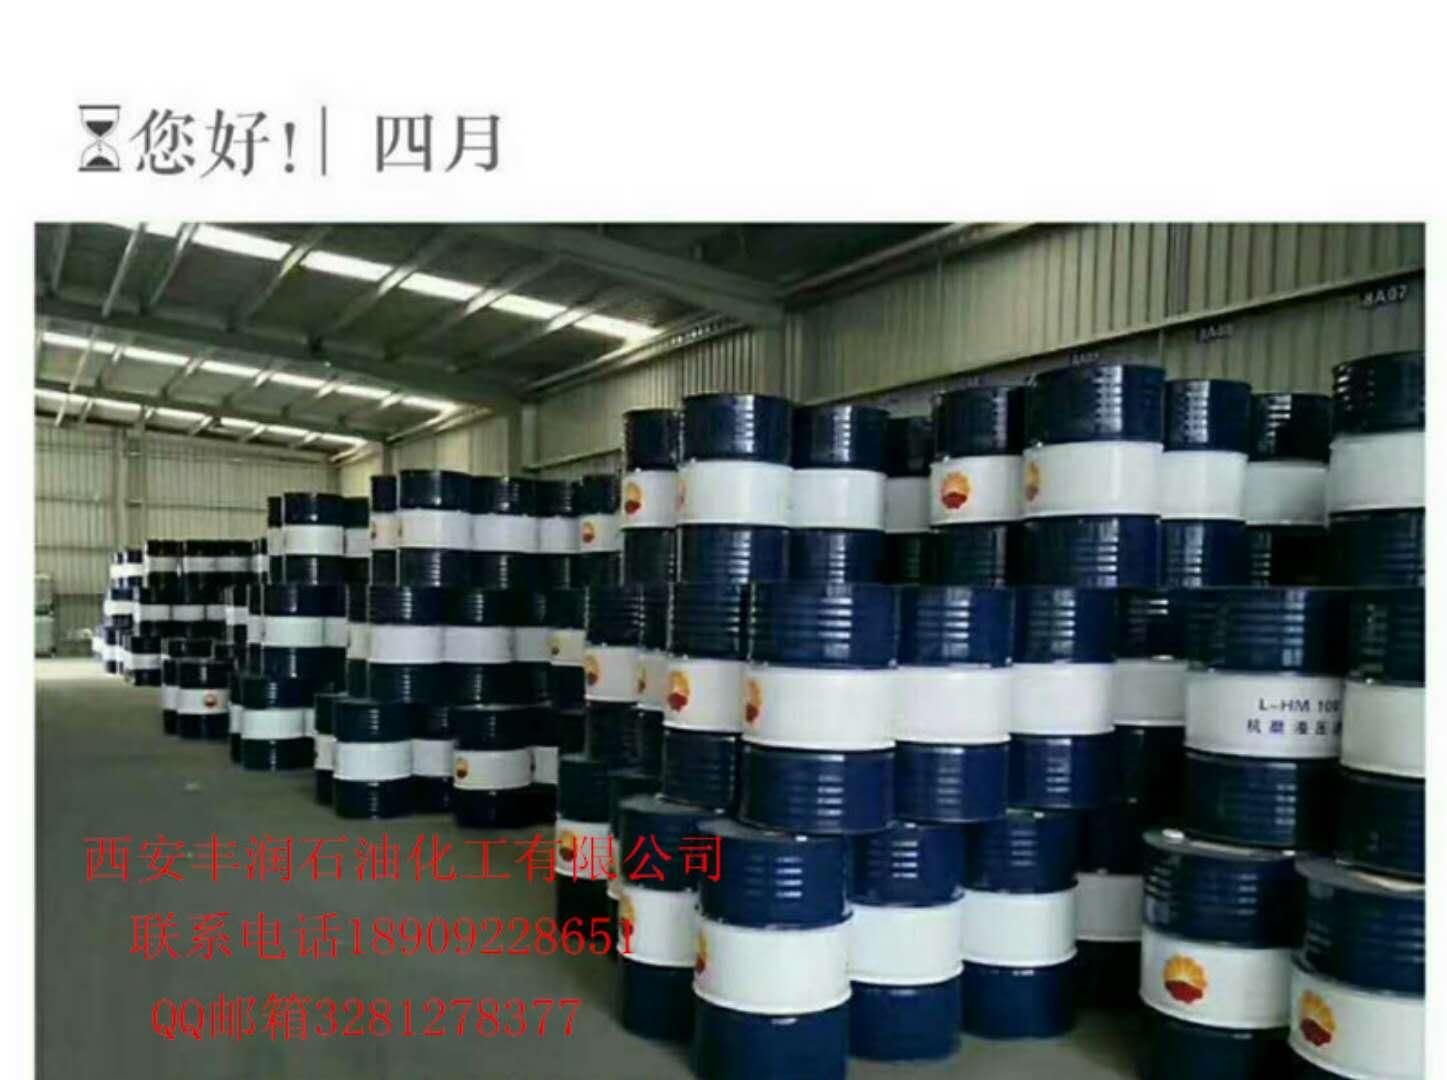 安康昆侖冷凍機油-供應陜西實用的冷凍機油